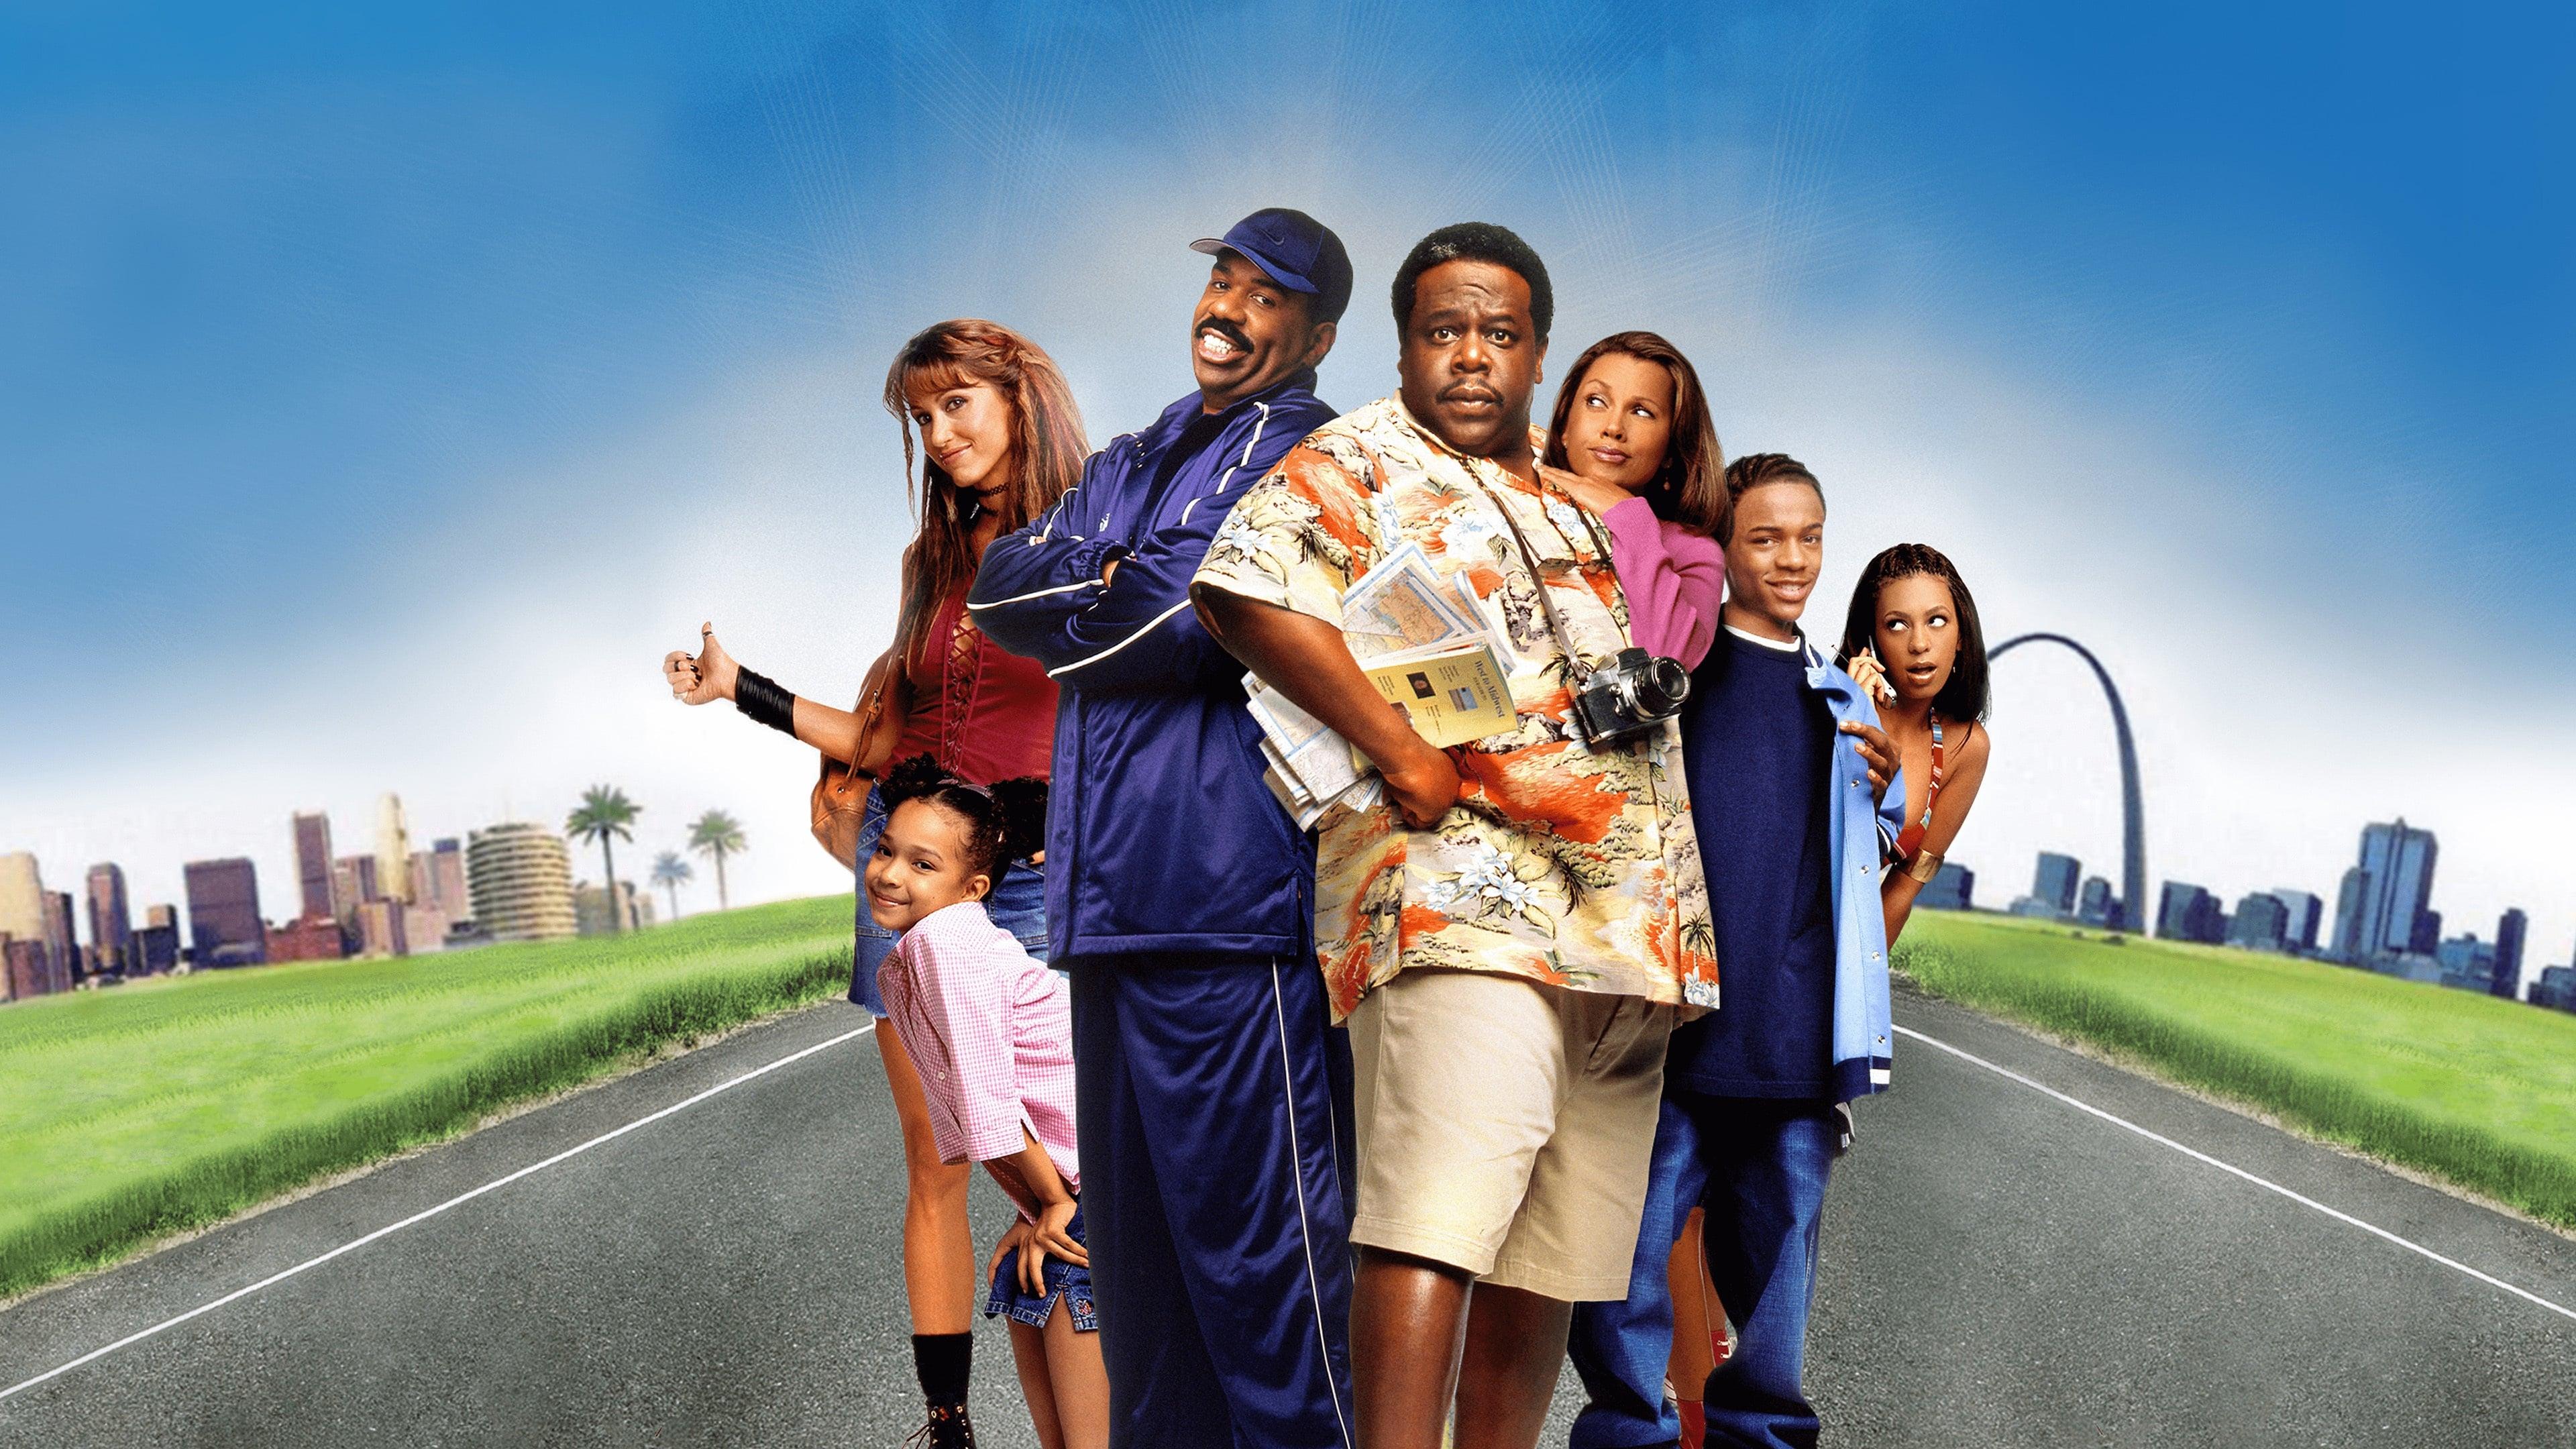 Johnson Family Vacation Movie